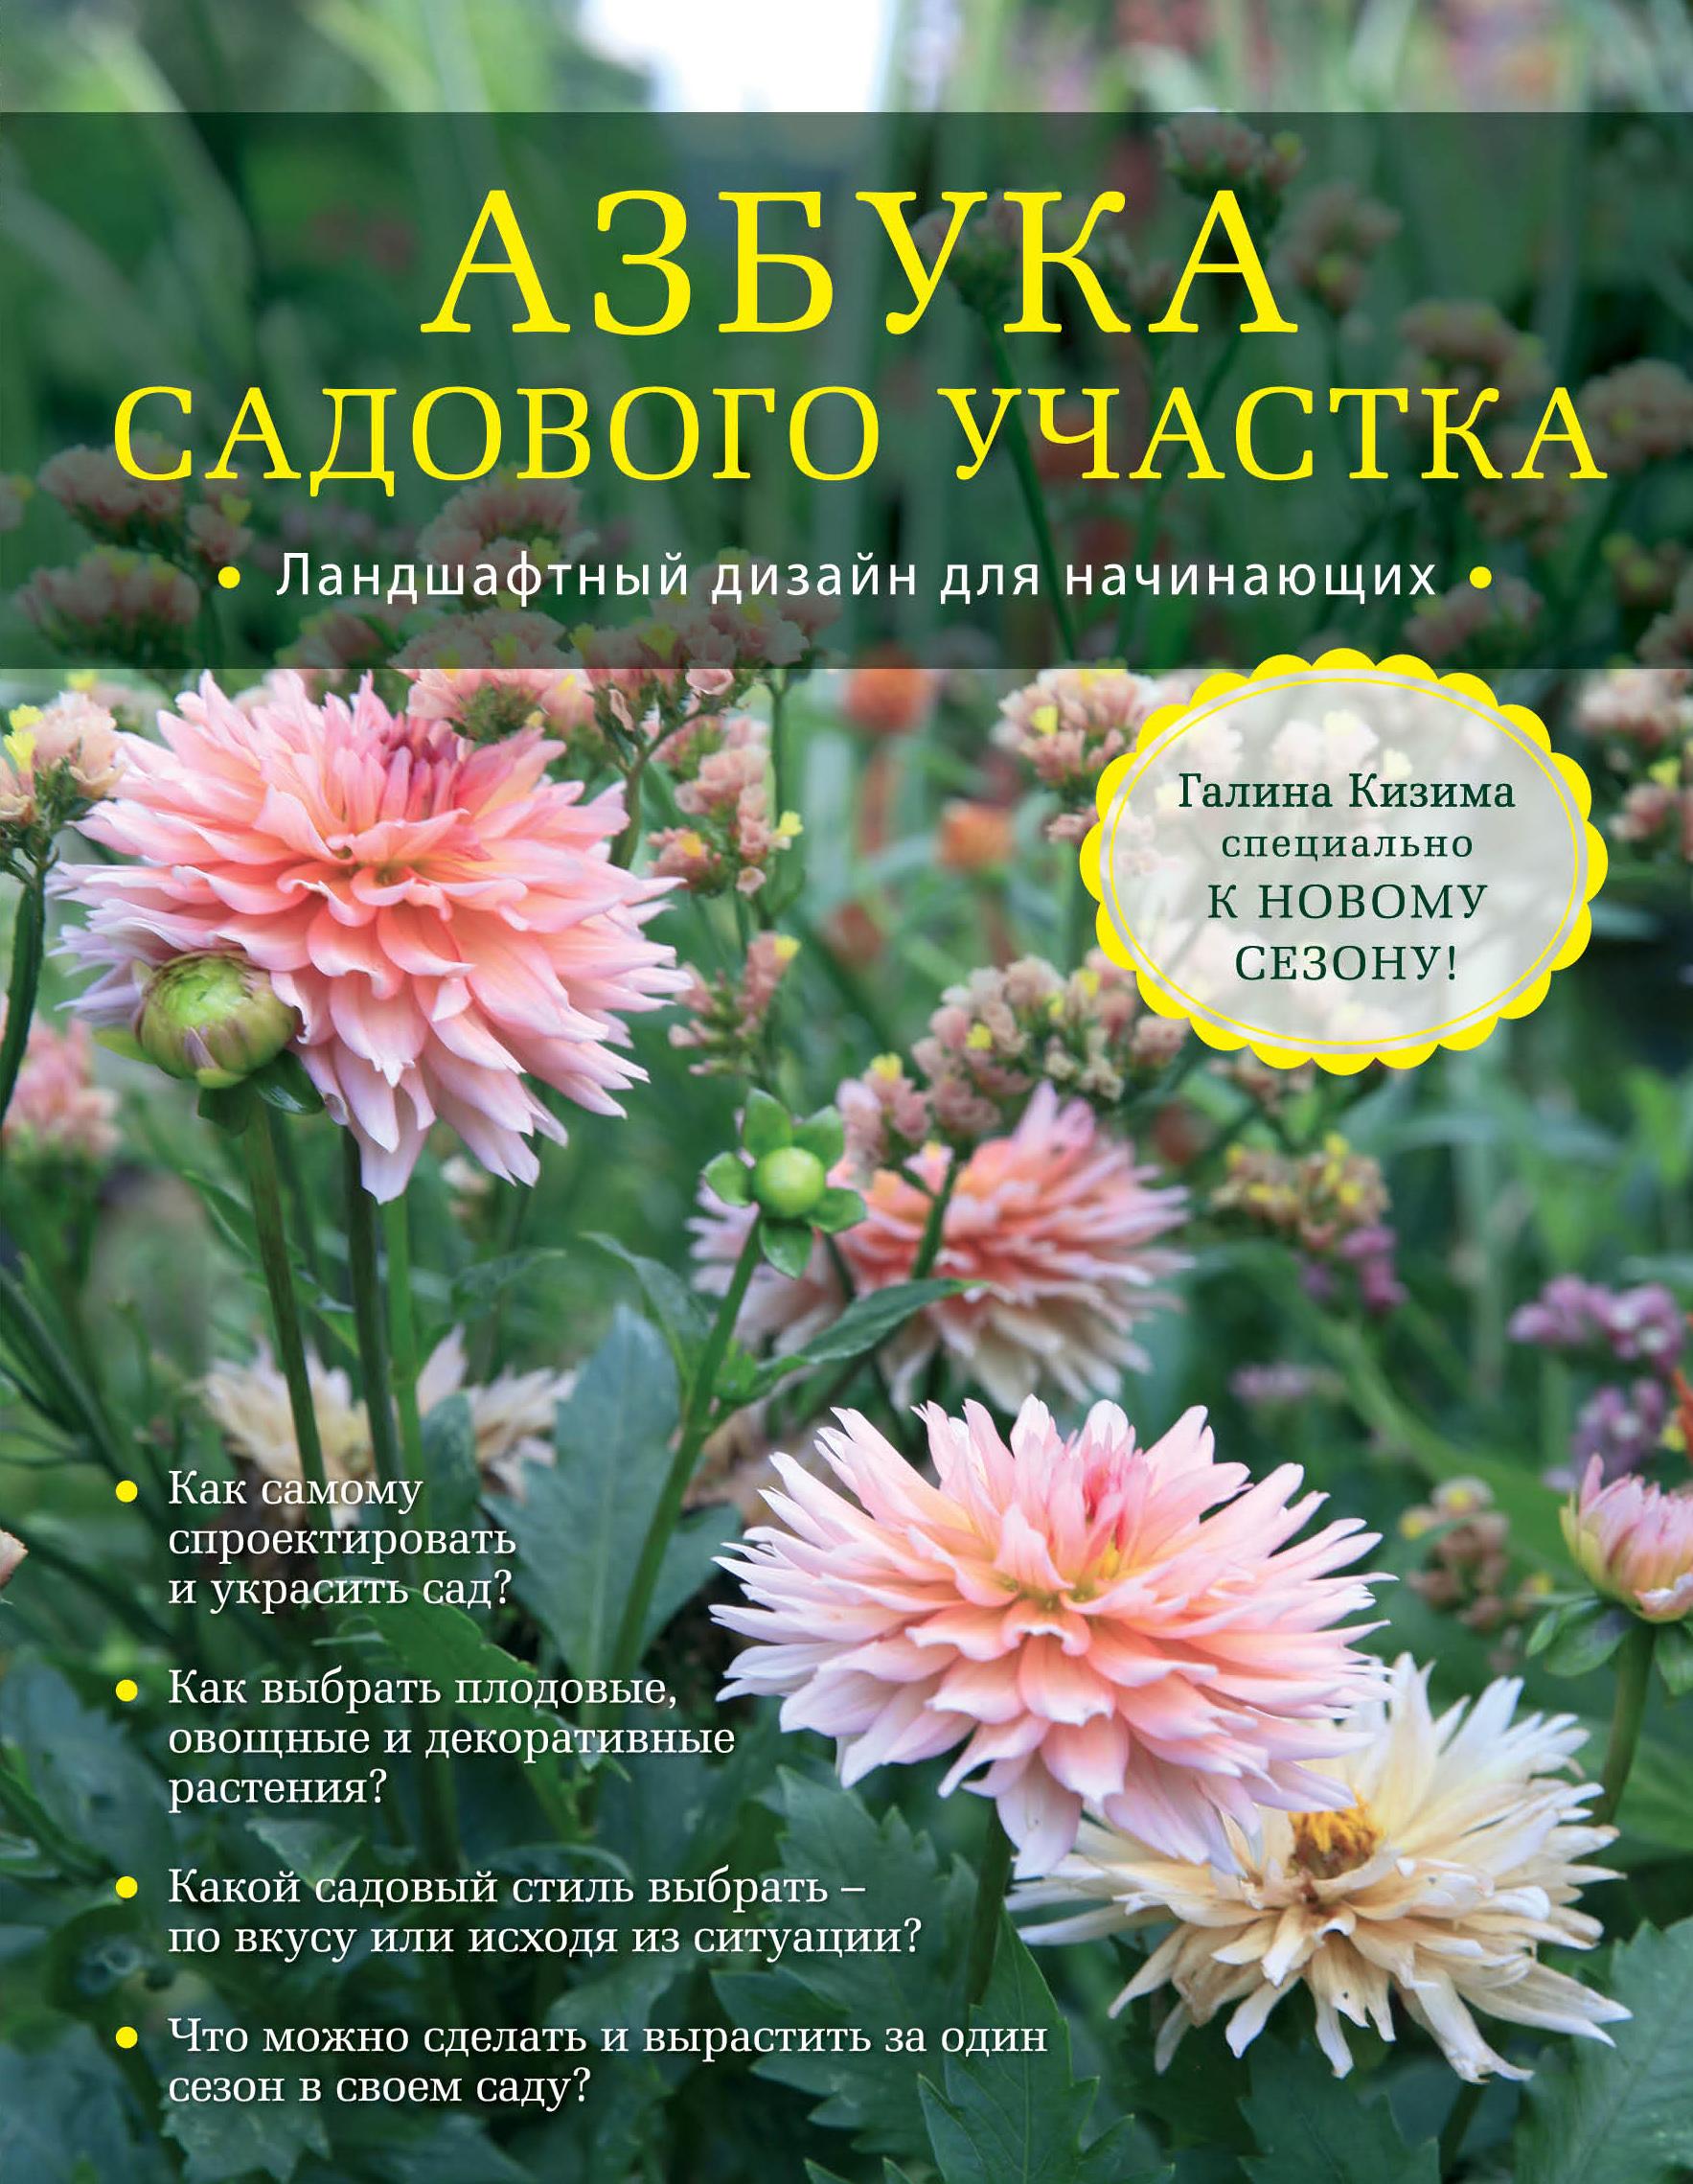 Азбука садового участка. Ландшафтный дизайн для начинающих ( Кизима Г.А.  )